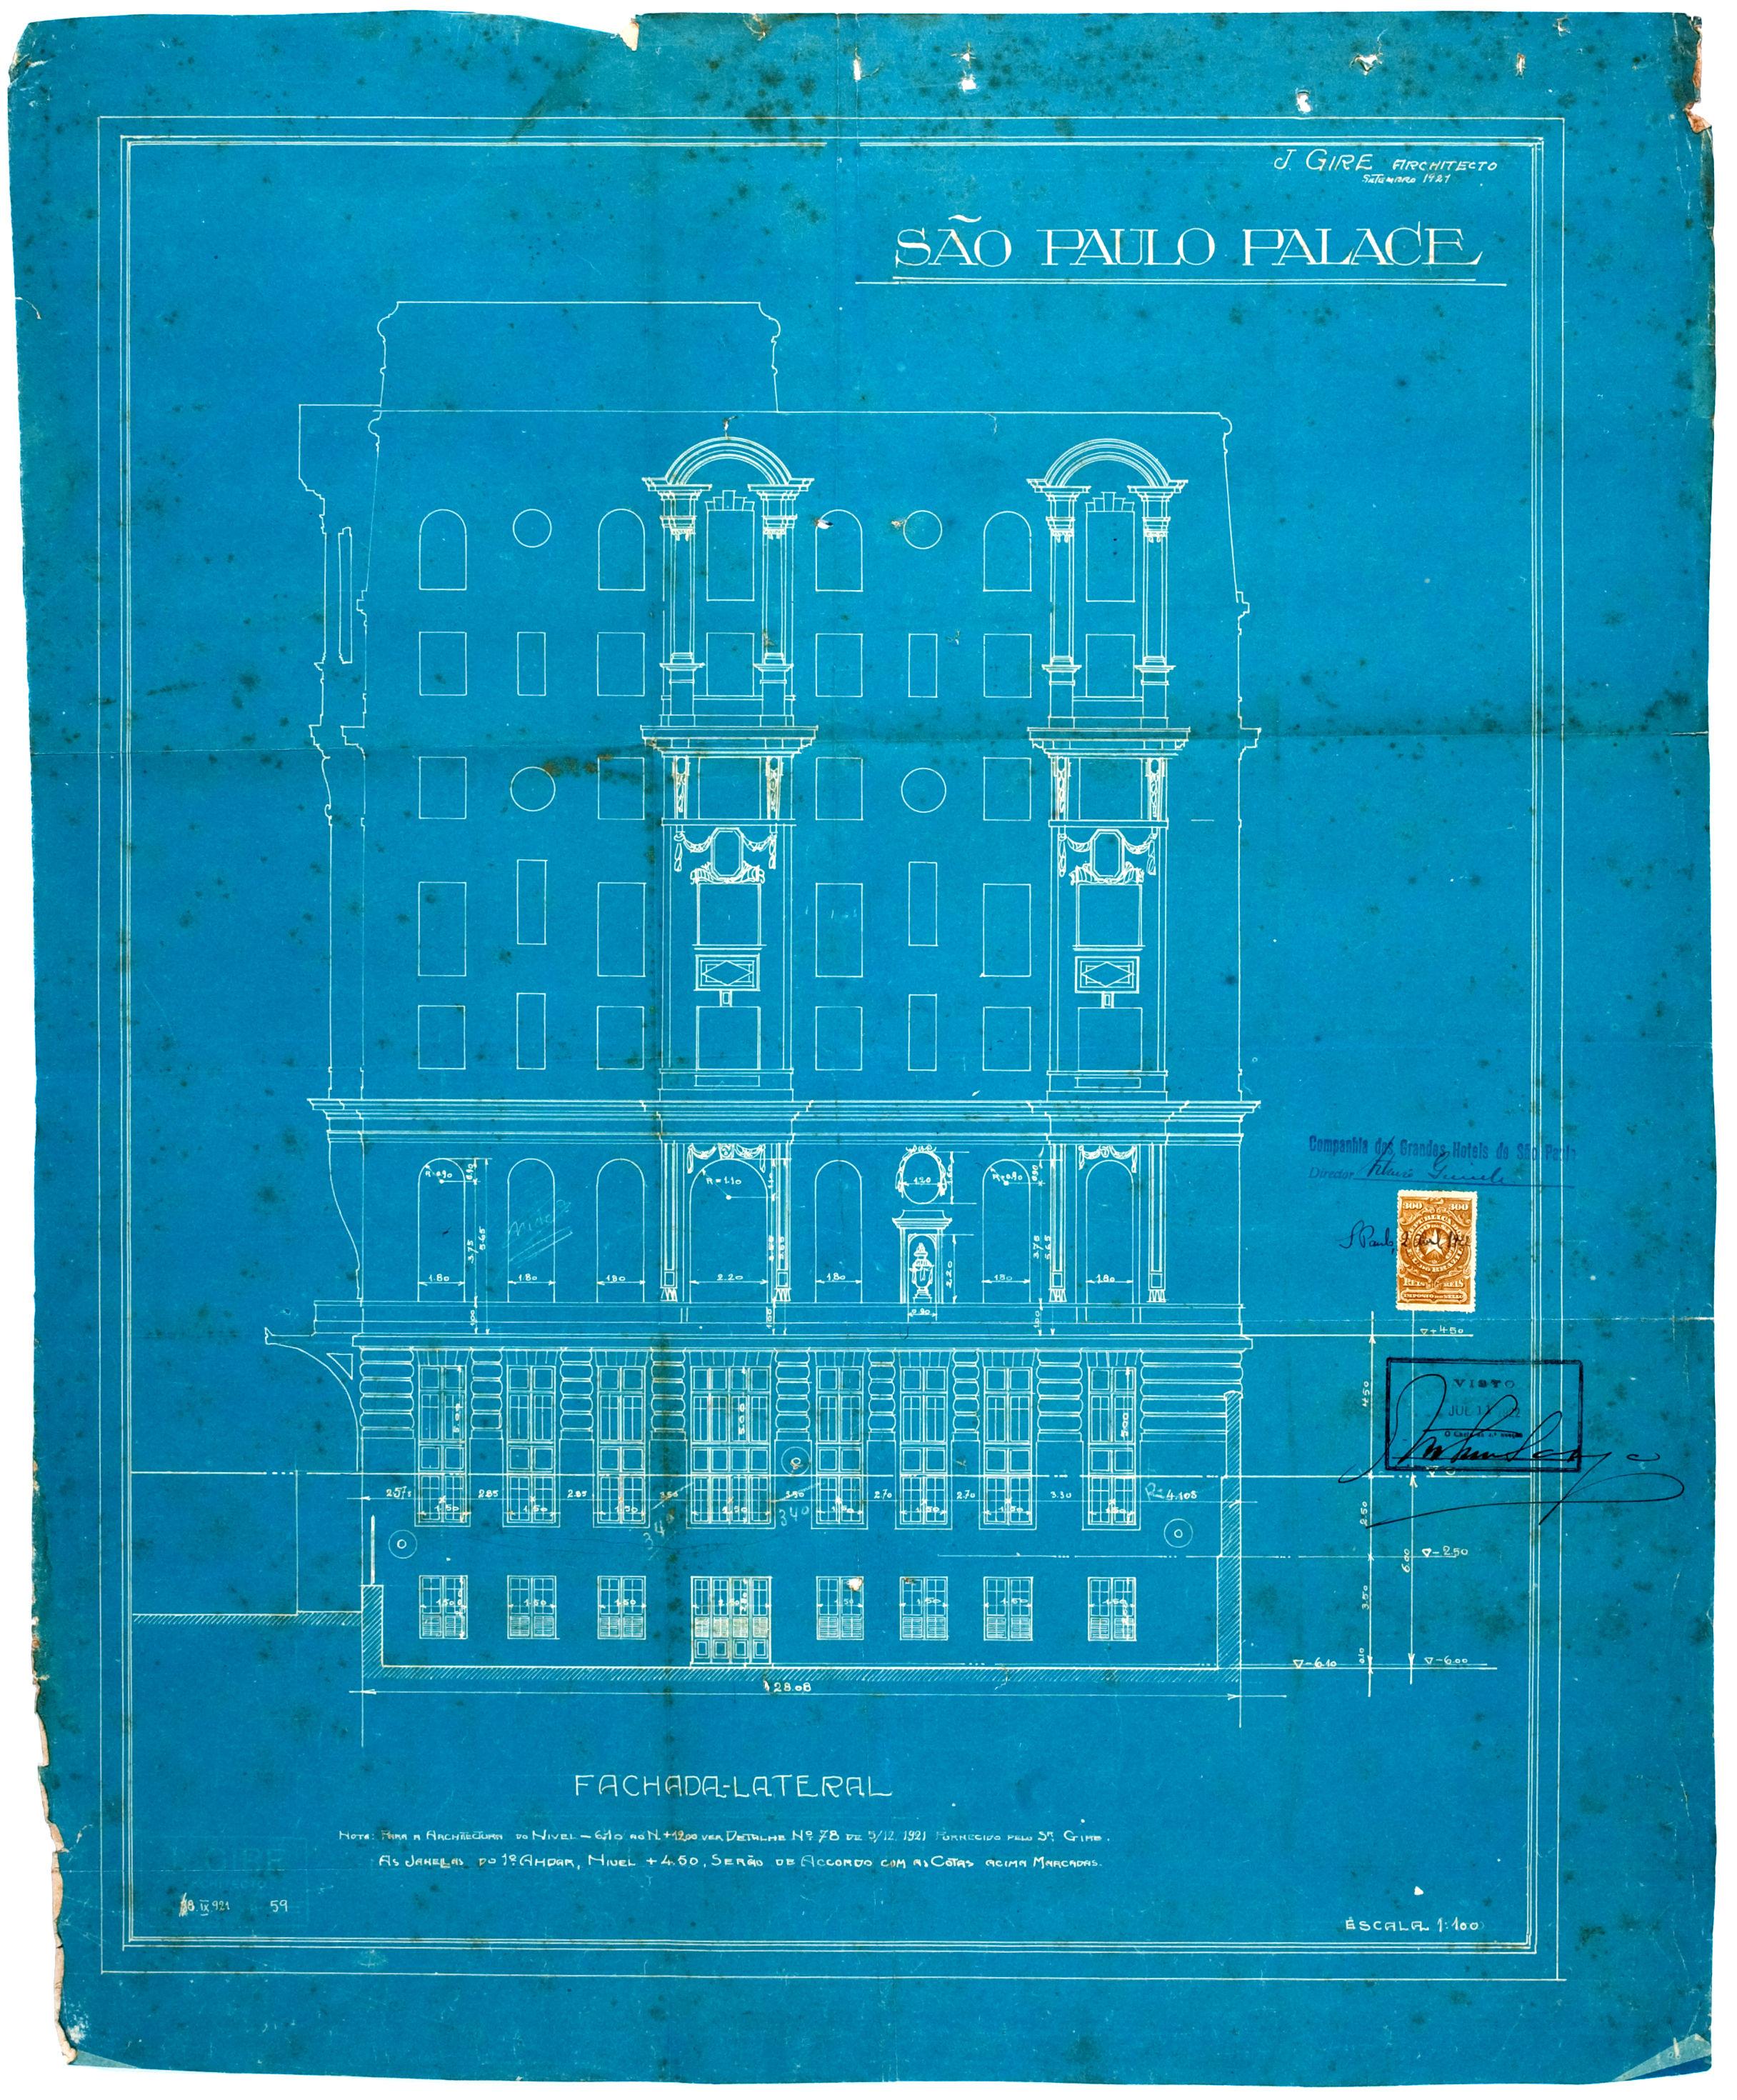 Esplanada Hotel, 1922 - fachada sudeste